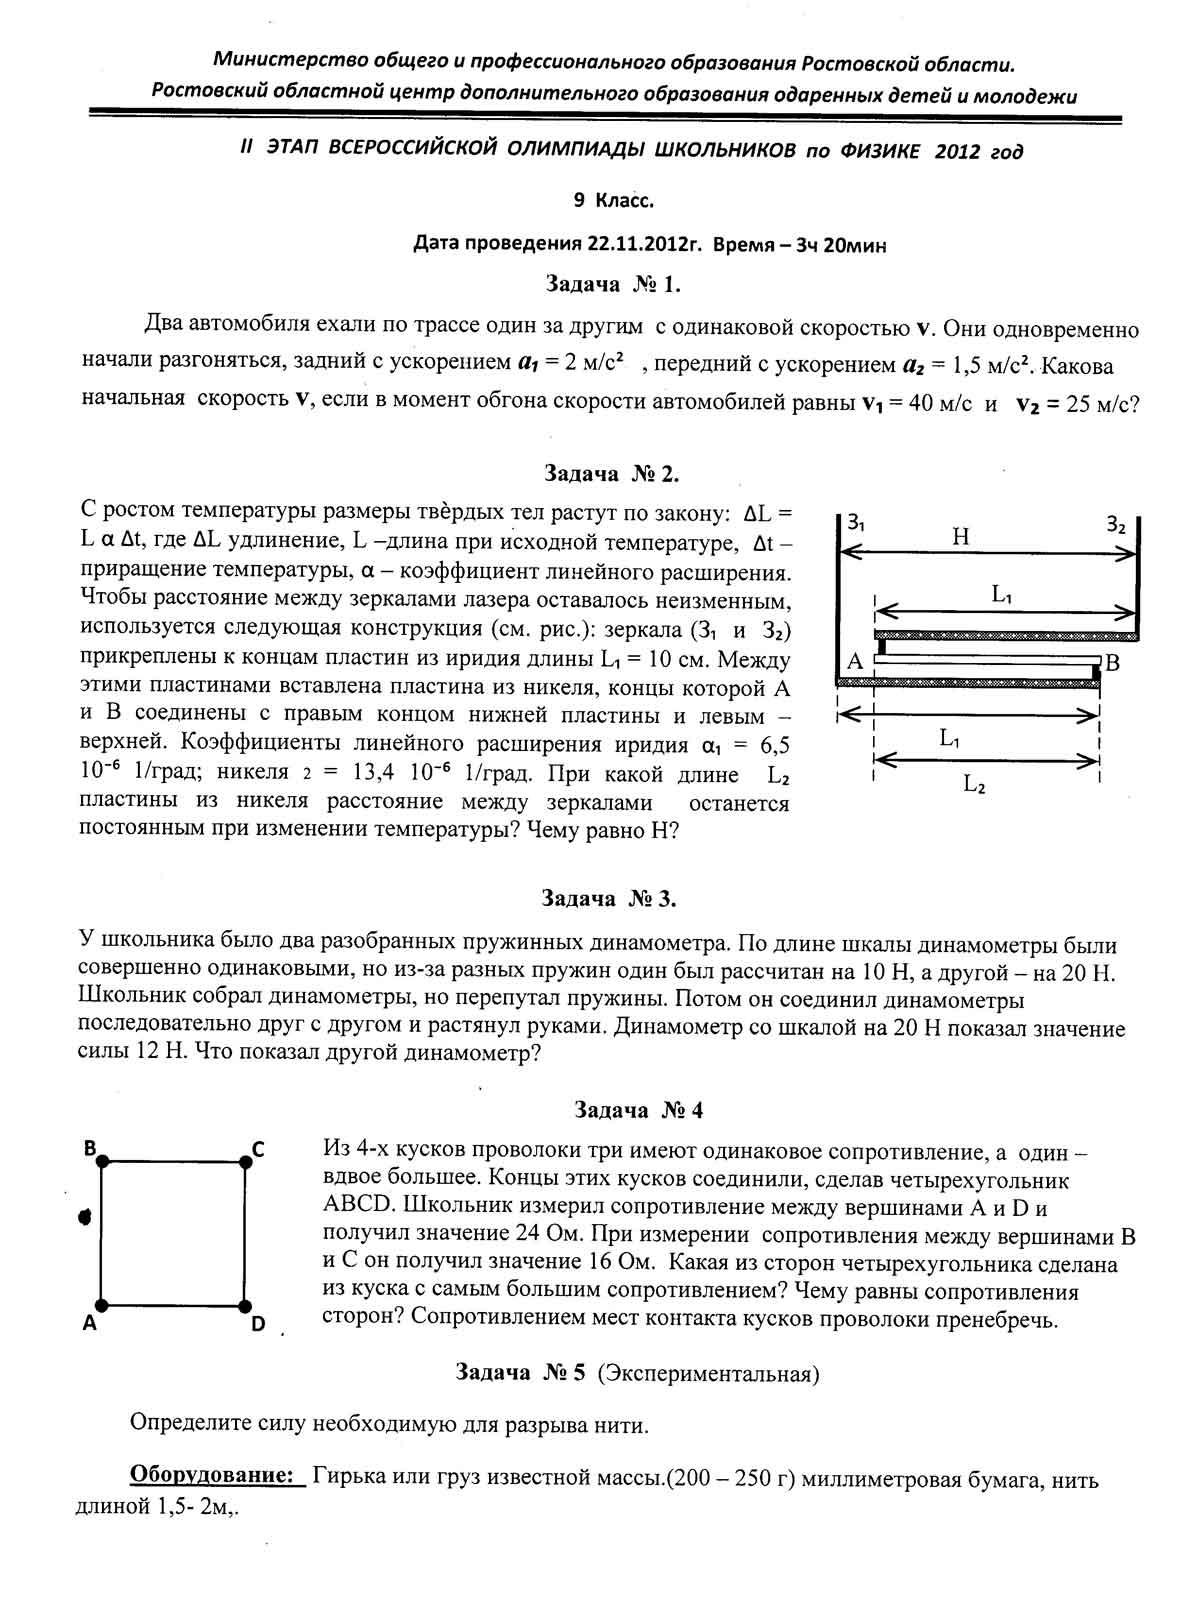 Олимпиадные задания по физике в 8 классе